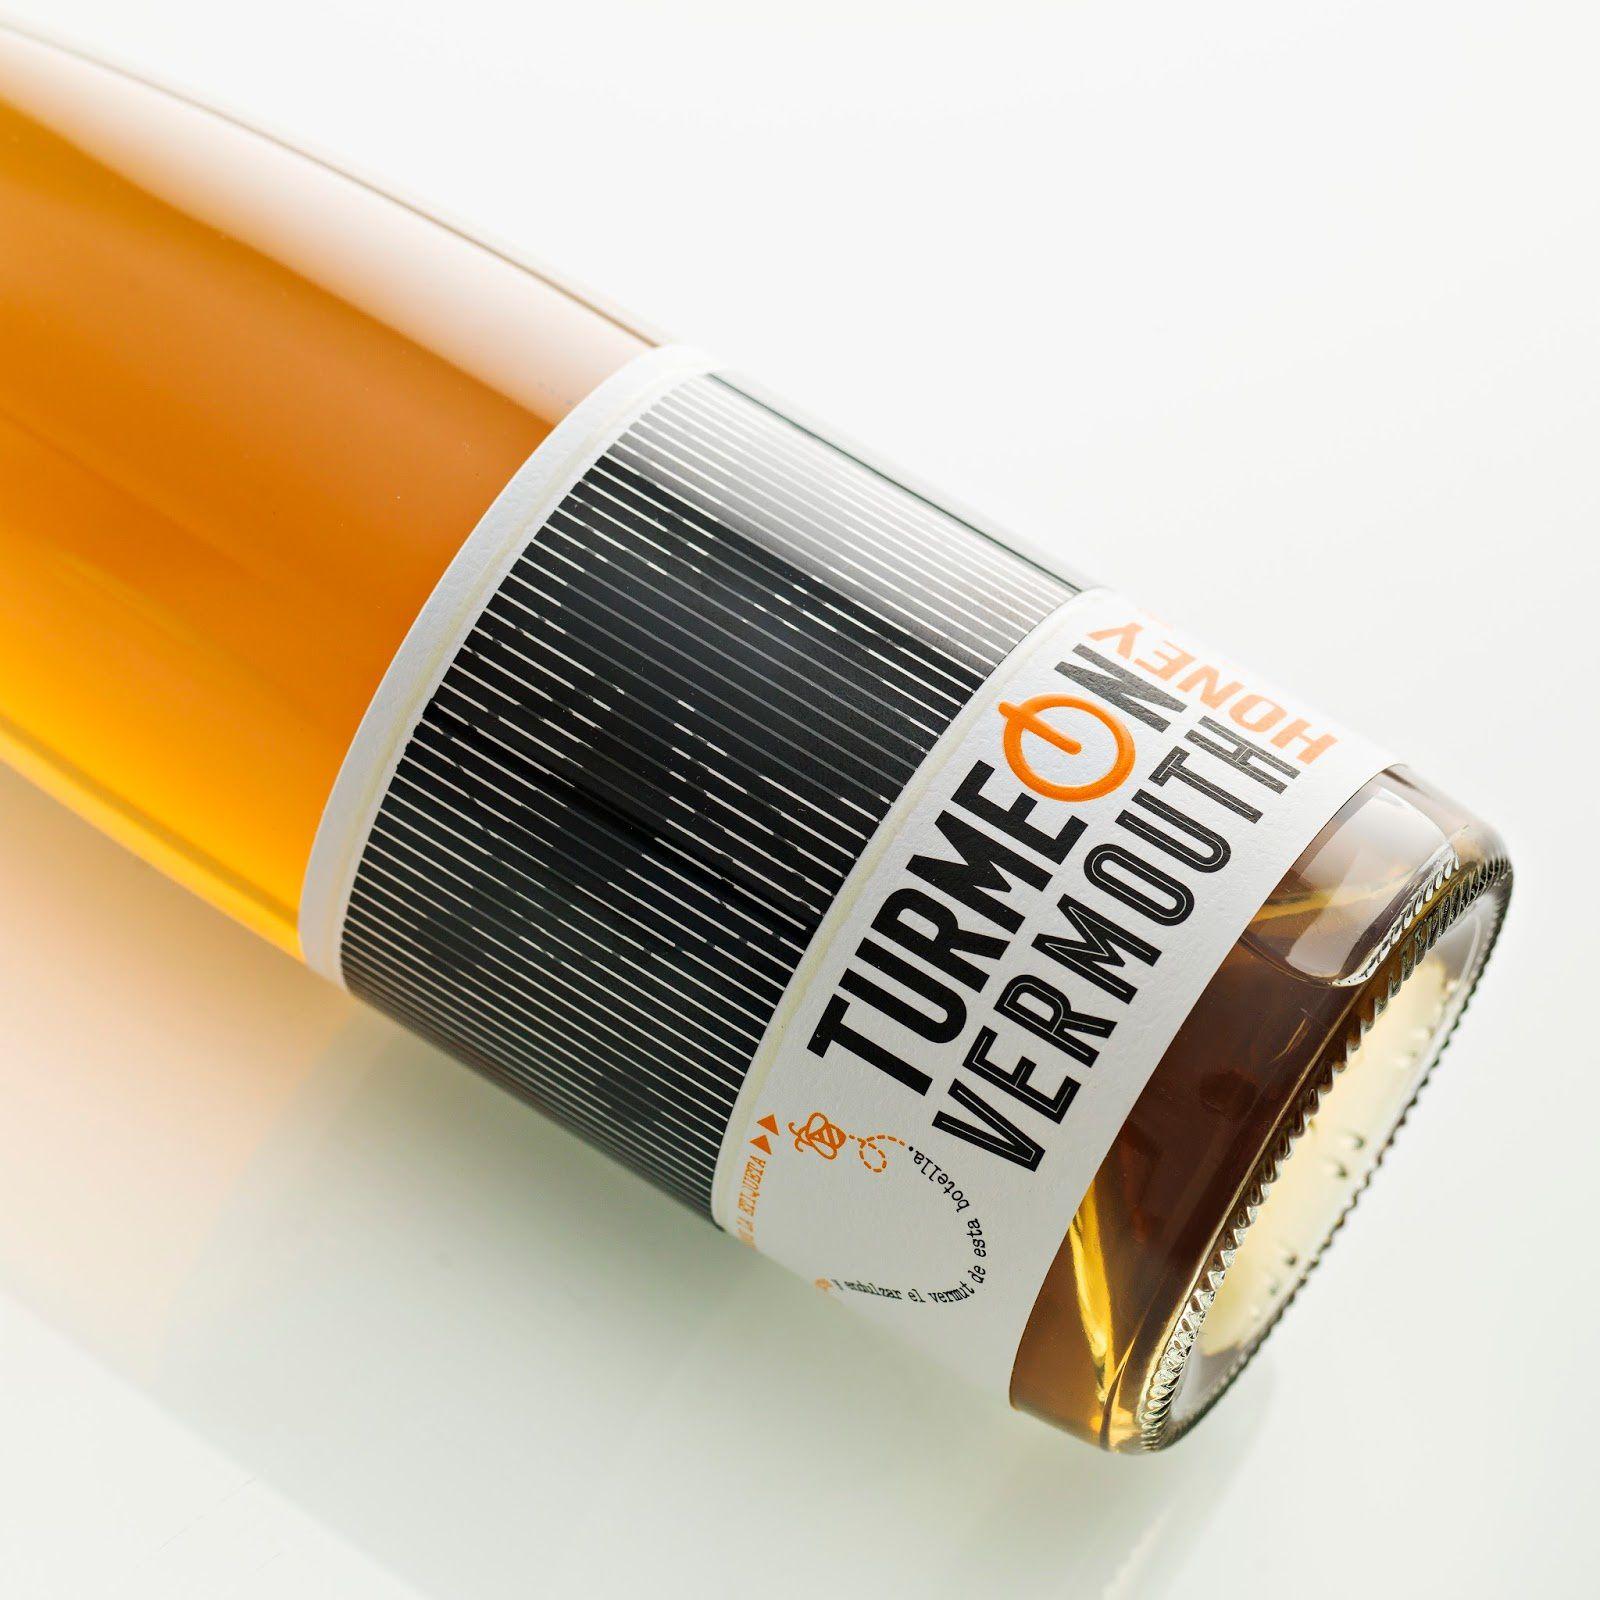 Turmeon (vin apéritif : vermouth aromatisé au miel) I Design : Turmeon, Espagne (décembre 2016)